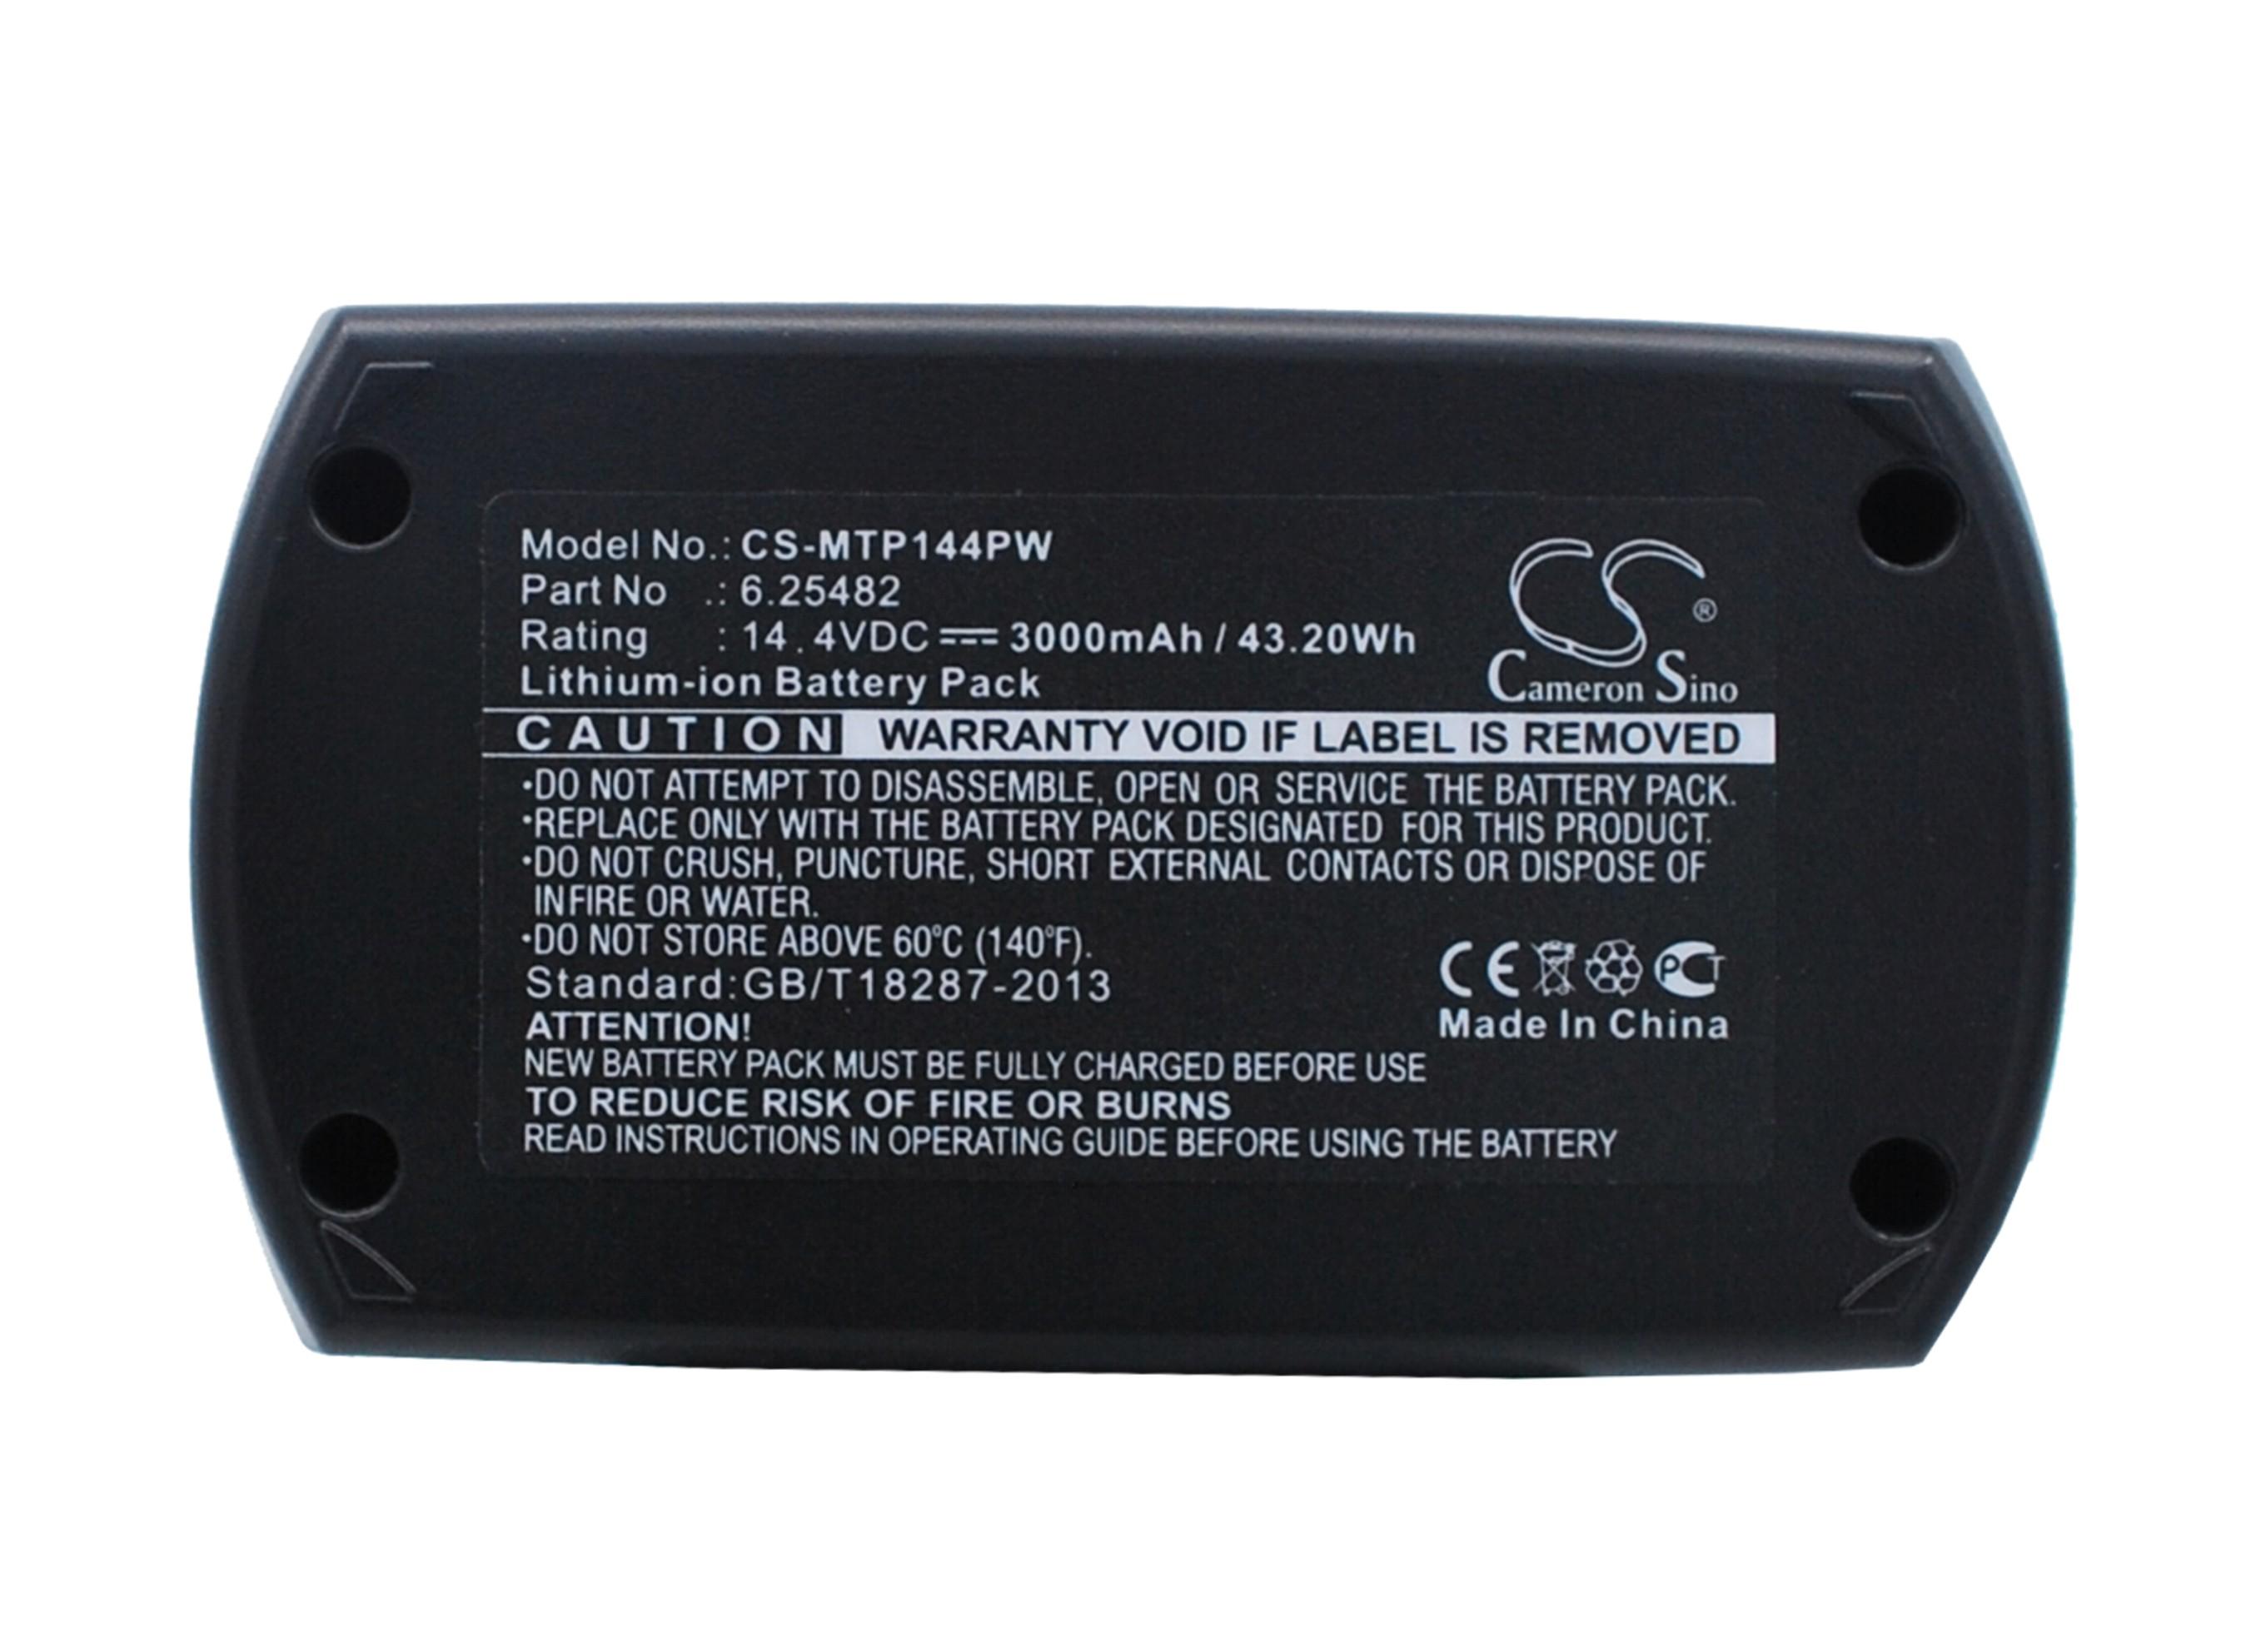 Cameron Sino baterie do nářadí pro METABO BSZ 14.4 Impuls 14.4V Li-ion 3000mAh černá - neoriginální